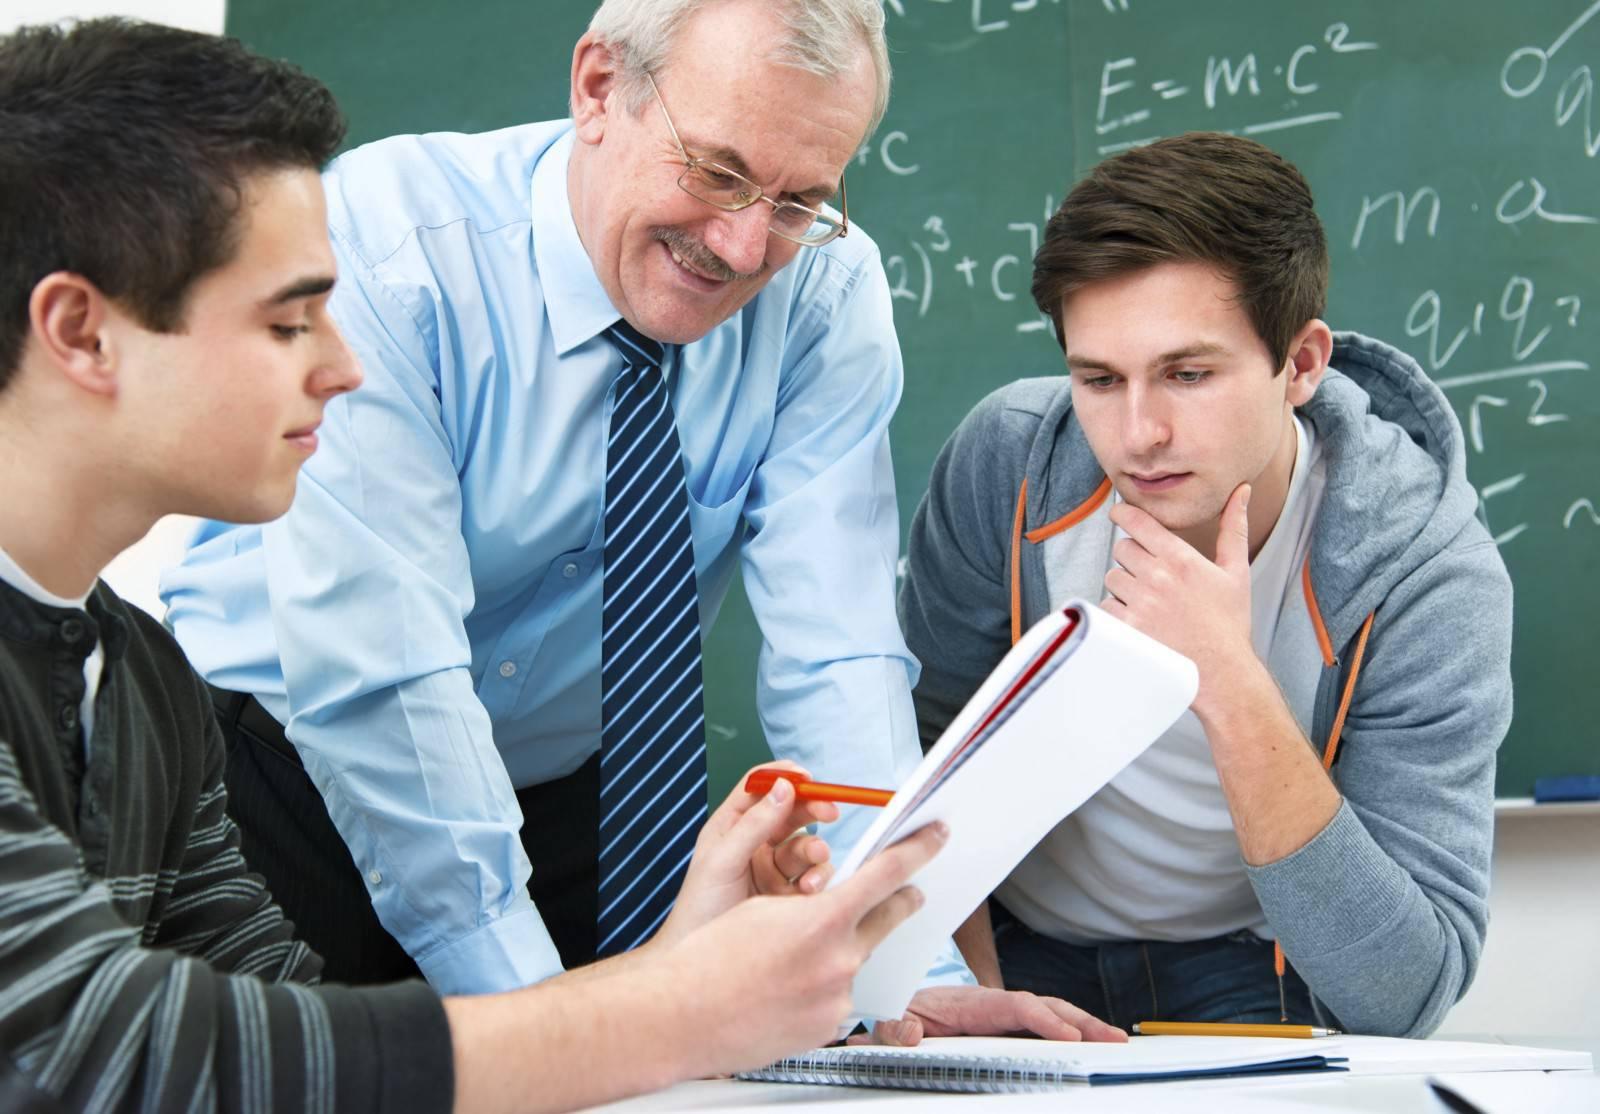 La OCDE recomienda mejorar las condiciones laborales, aumentar el salario y reducir la carga de trabajo para optimizar la profesionalidad de los docentes.